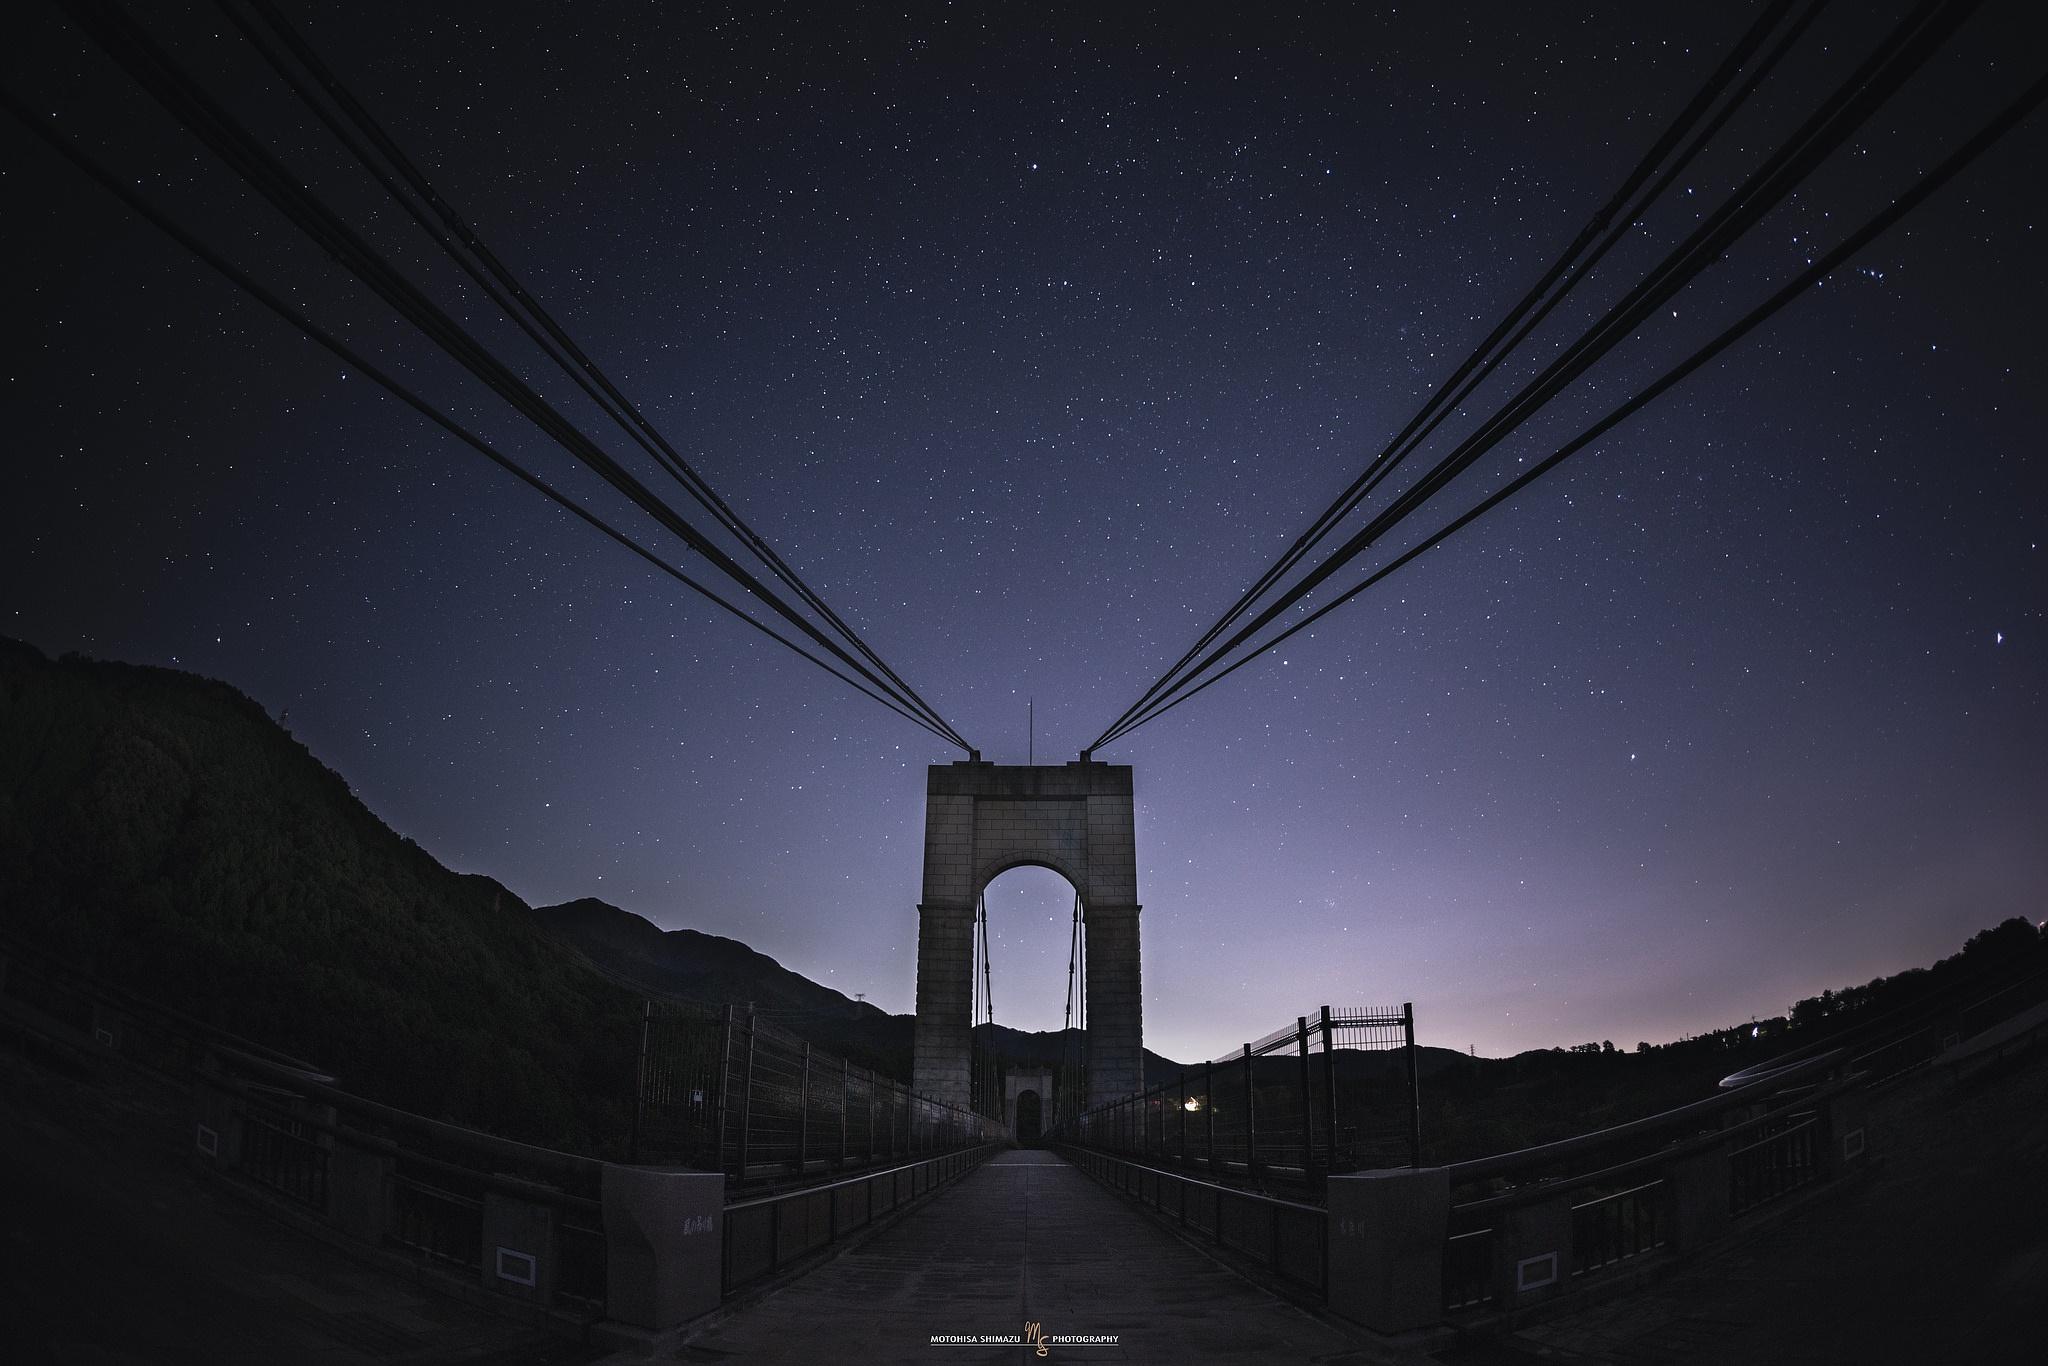 Star Gate Bridge by Motohisa Shimazu